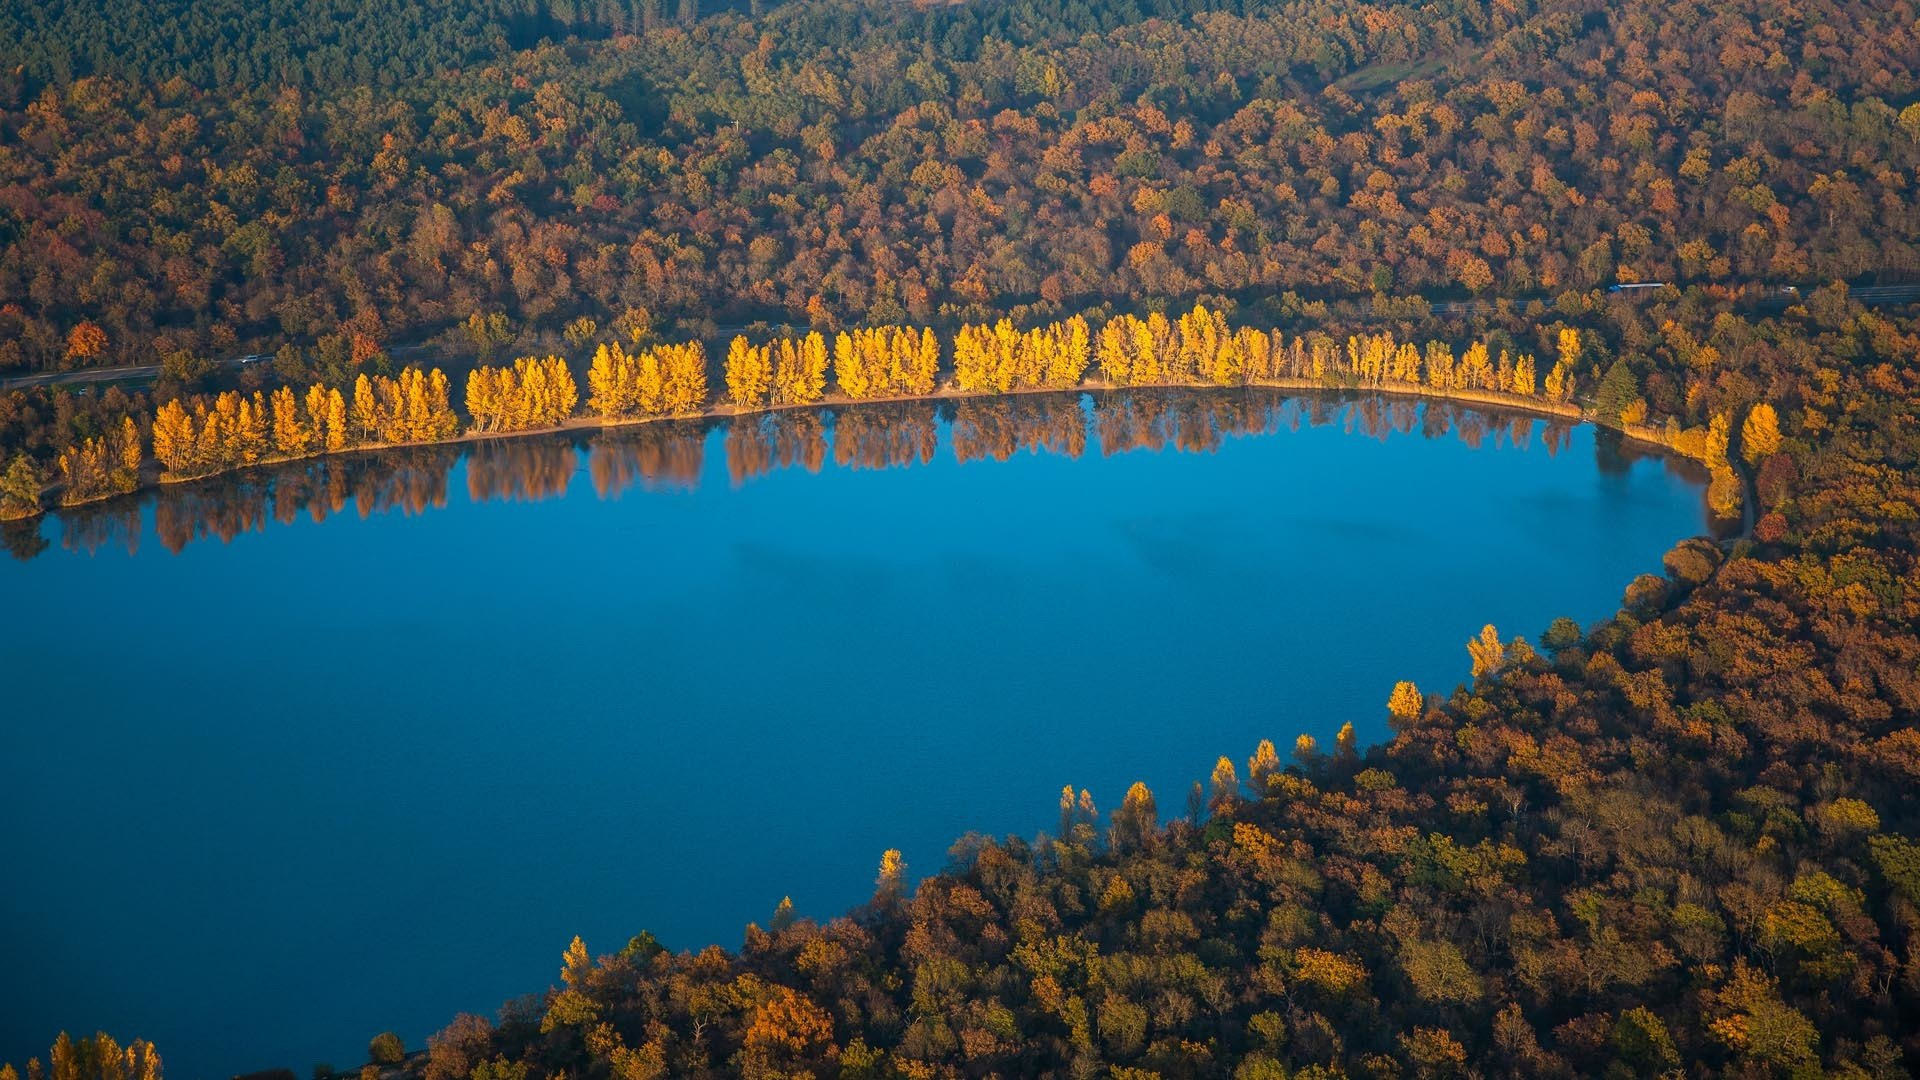 C'est beau l'agglo en automne © Tristan Vuano